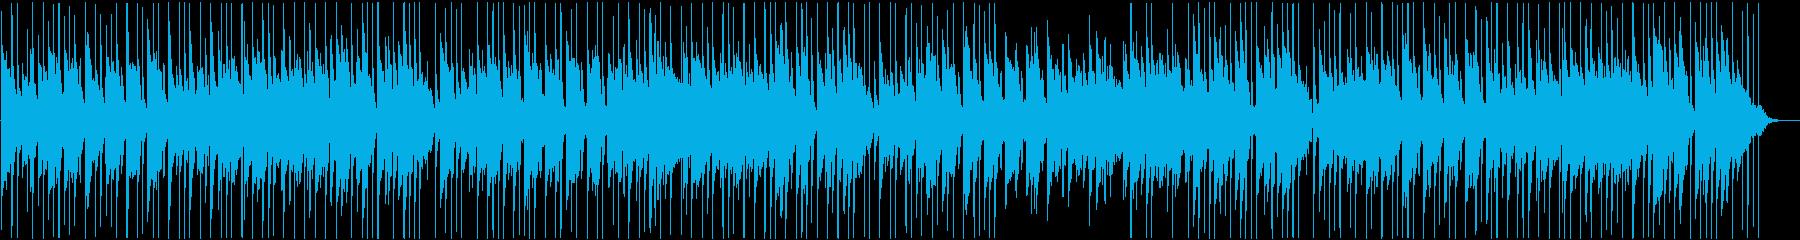 ★★都市伝説✡オルゴール✡Lo-Fi★Hの再生済みの波形